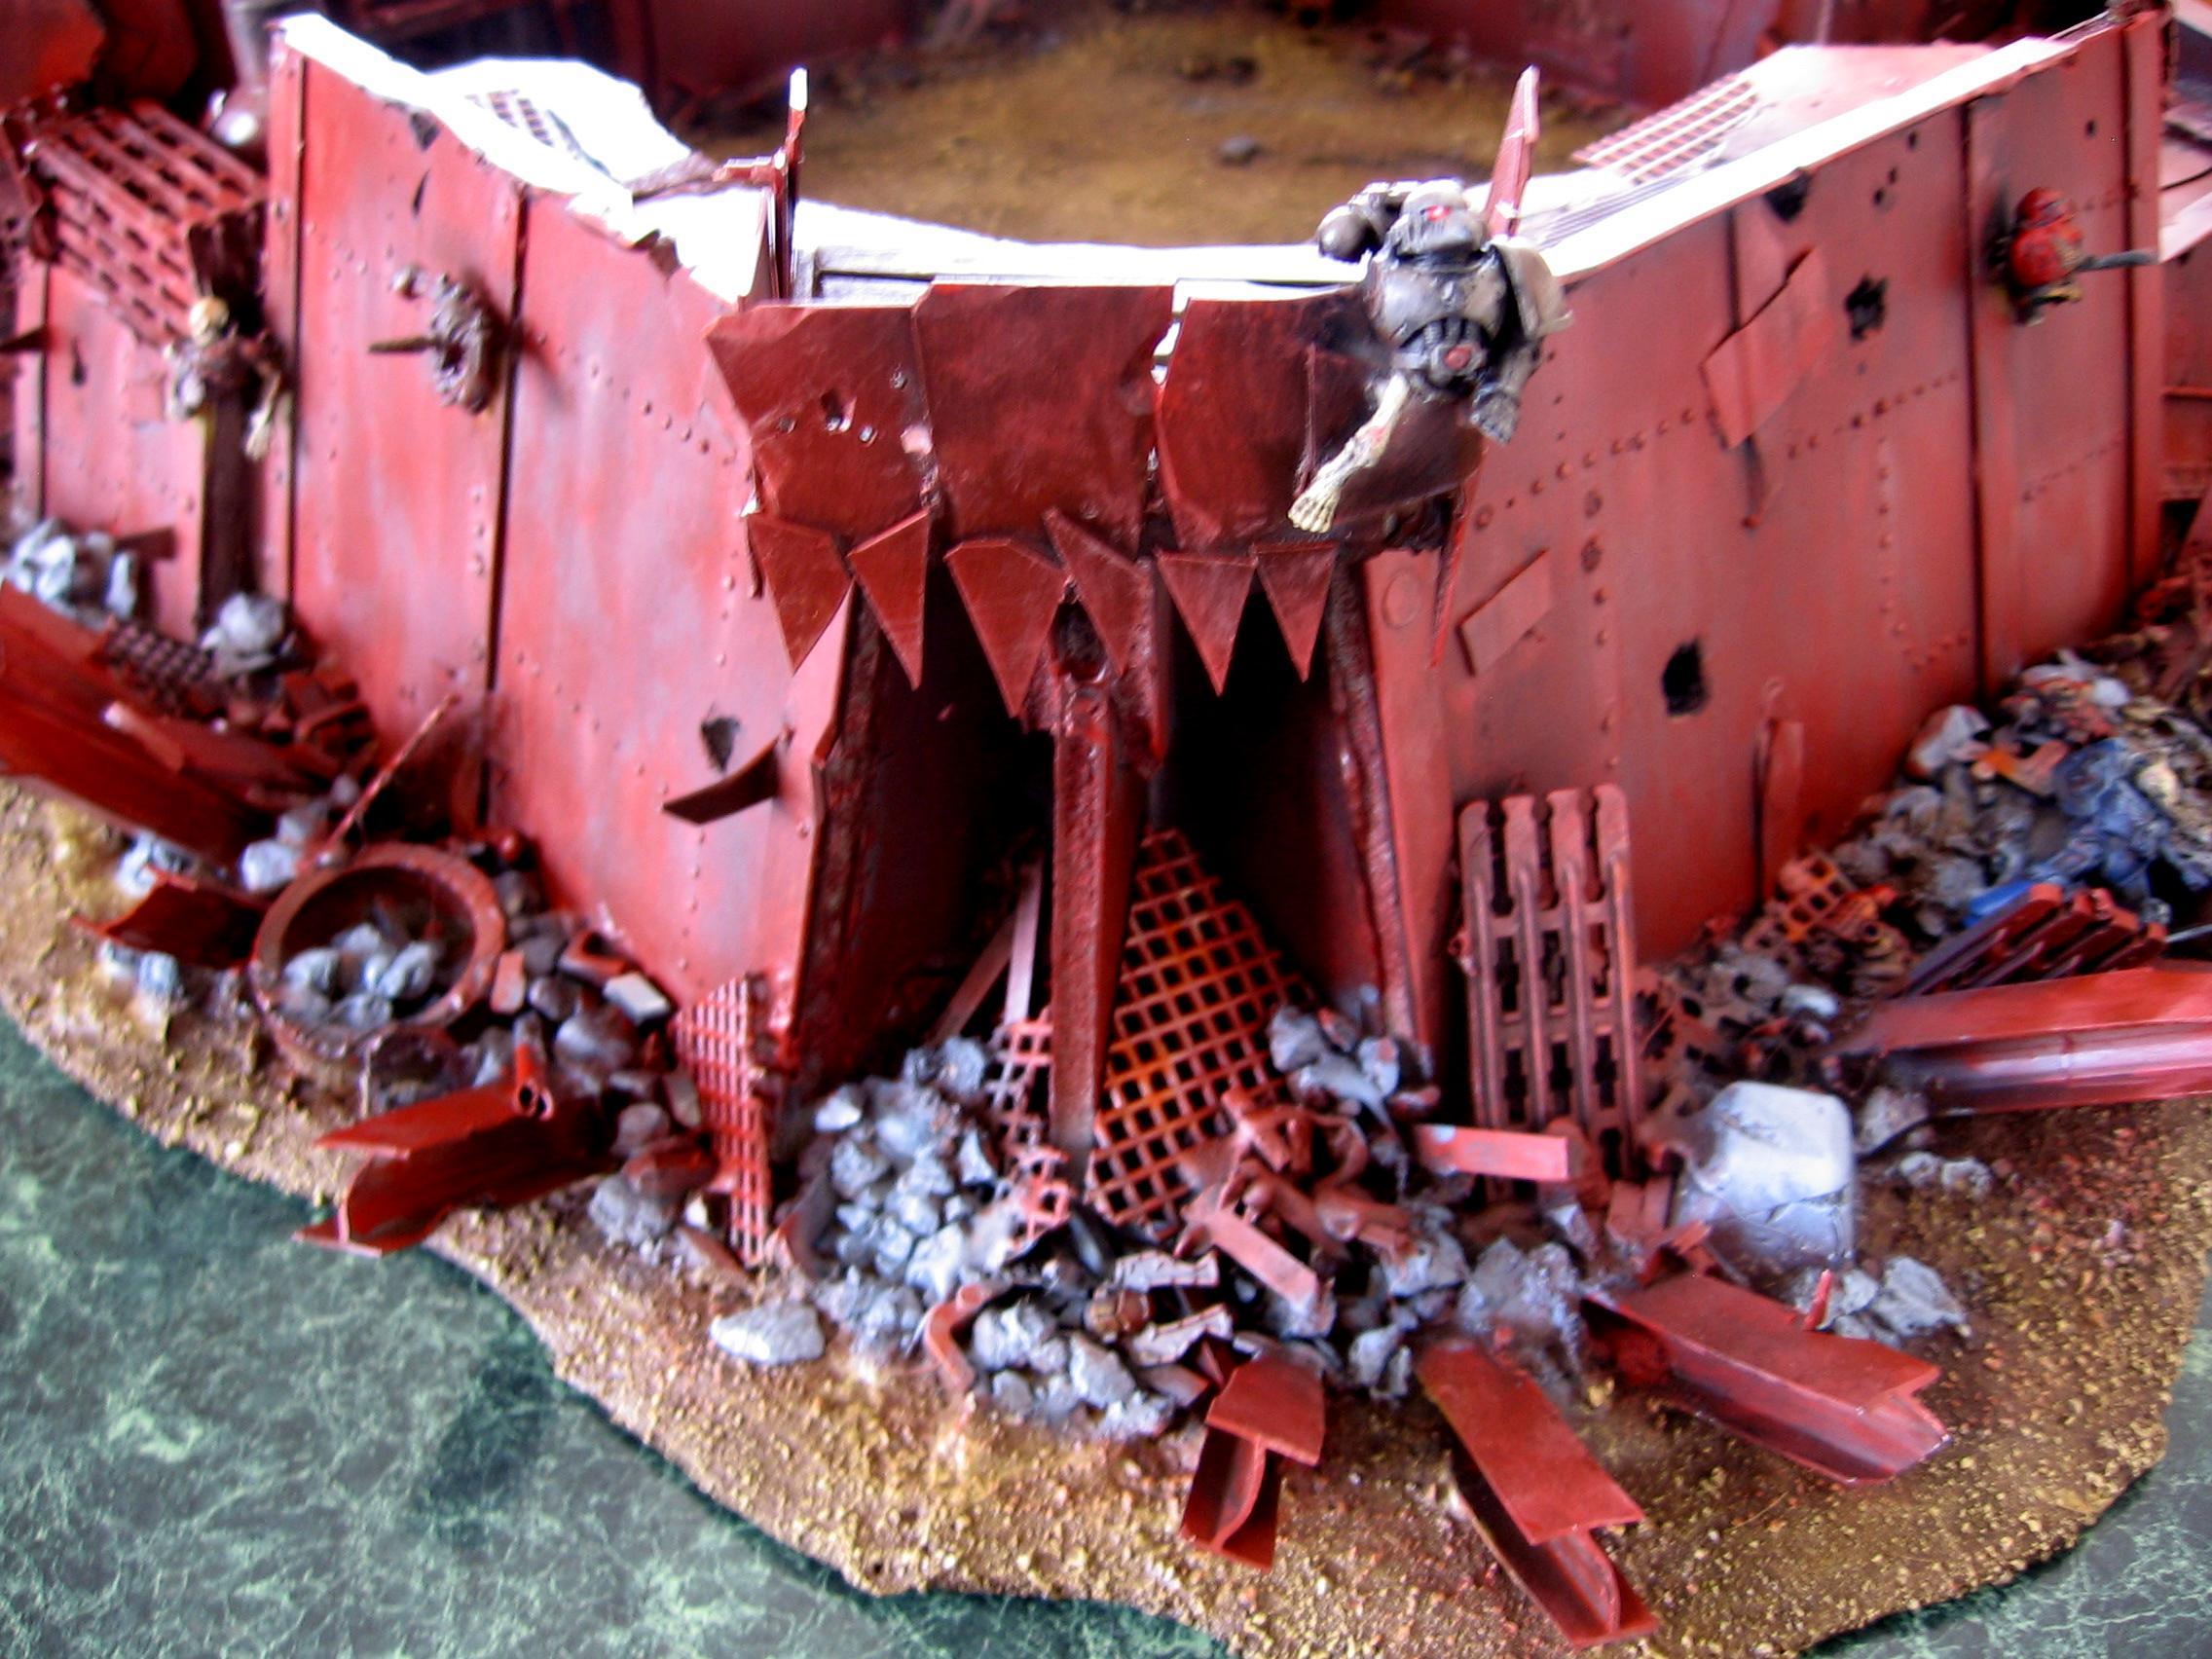 40k Orks, Fortress, Ork Fort, Ork Fortress, Orks, Orky, Terrain, Warhammer 40,000